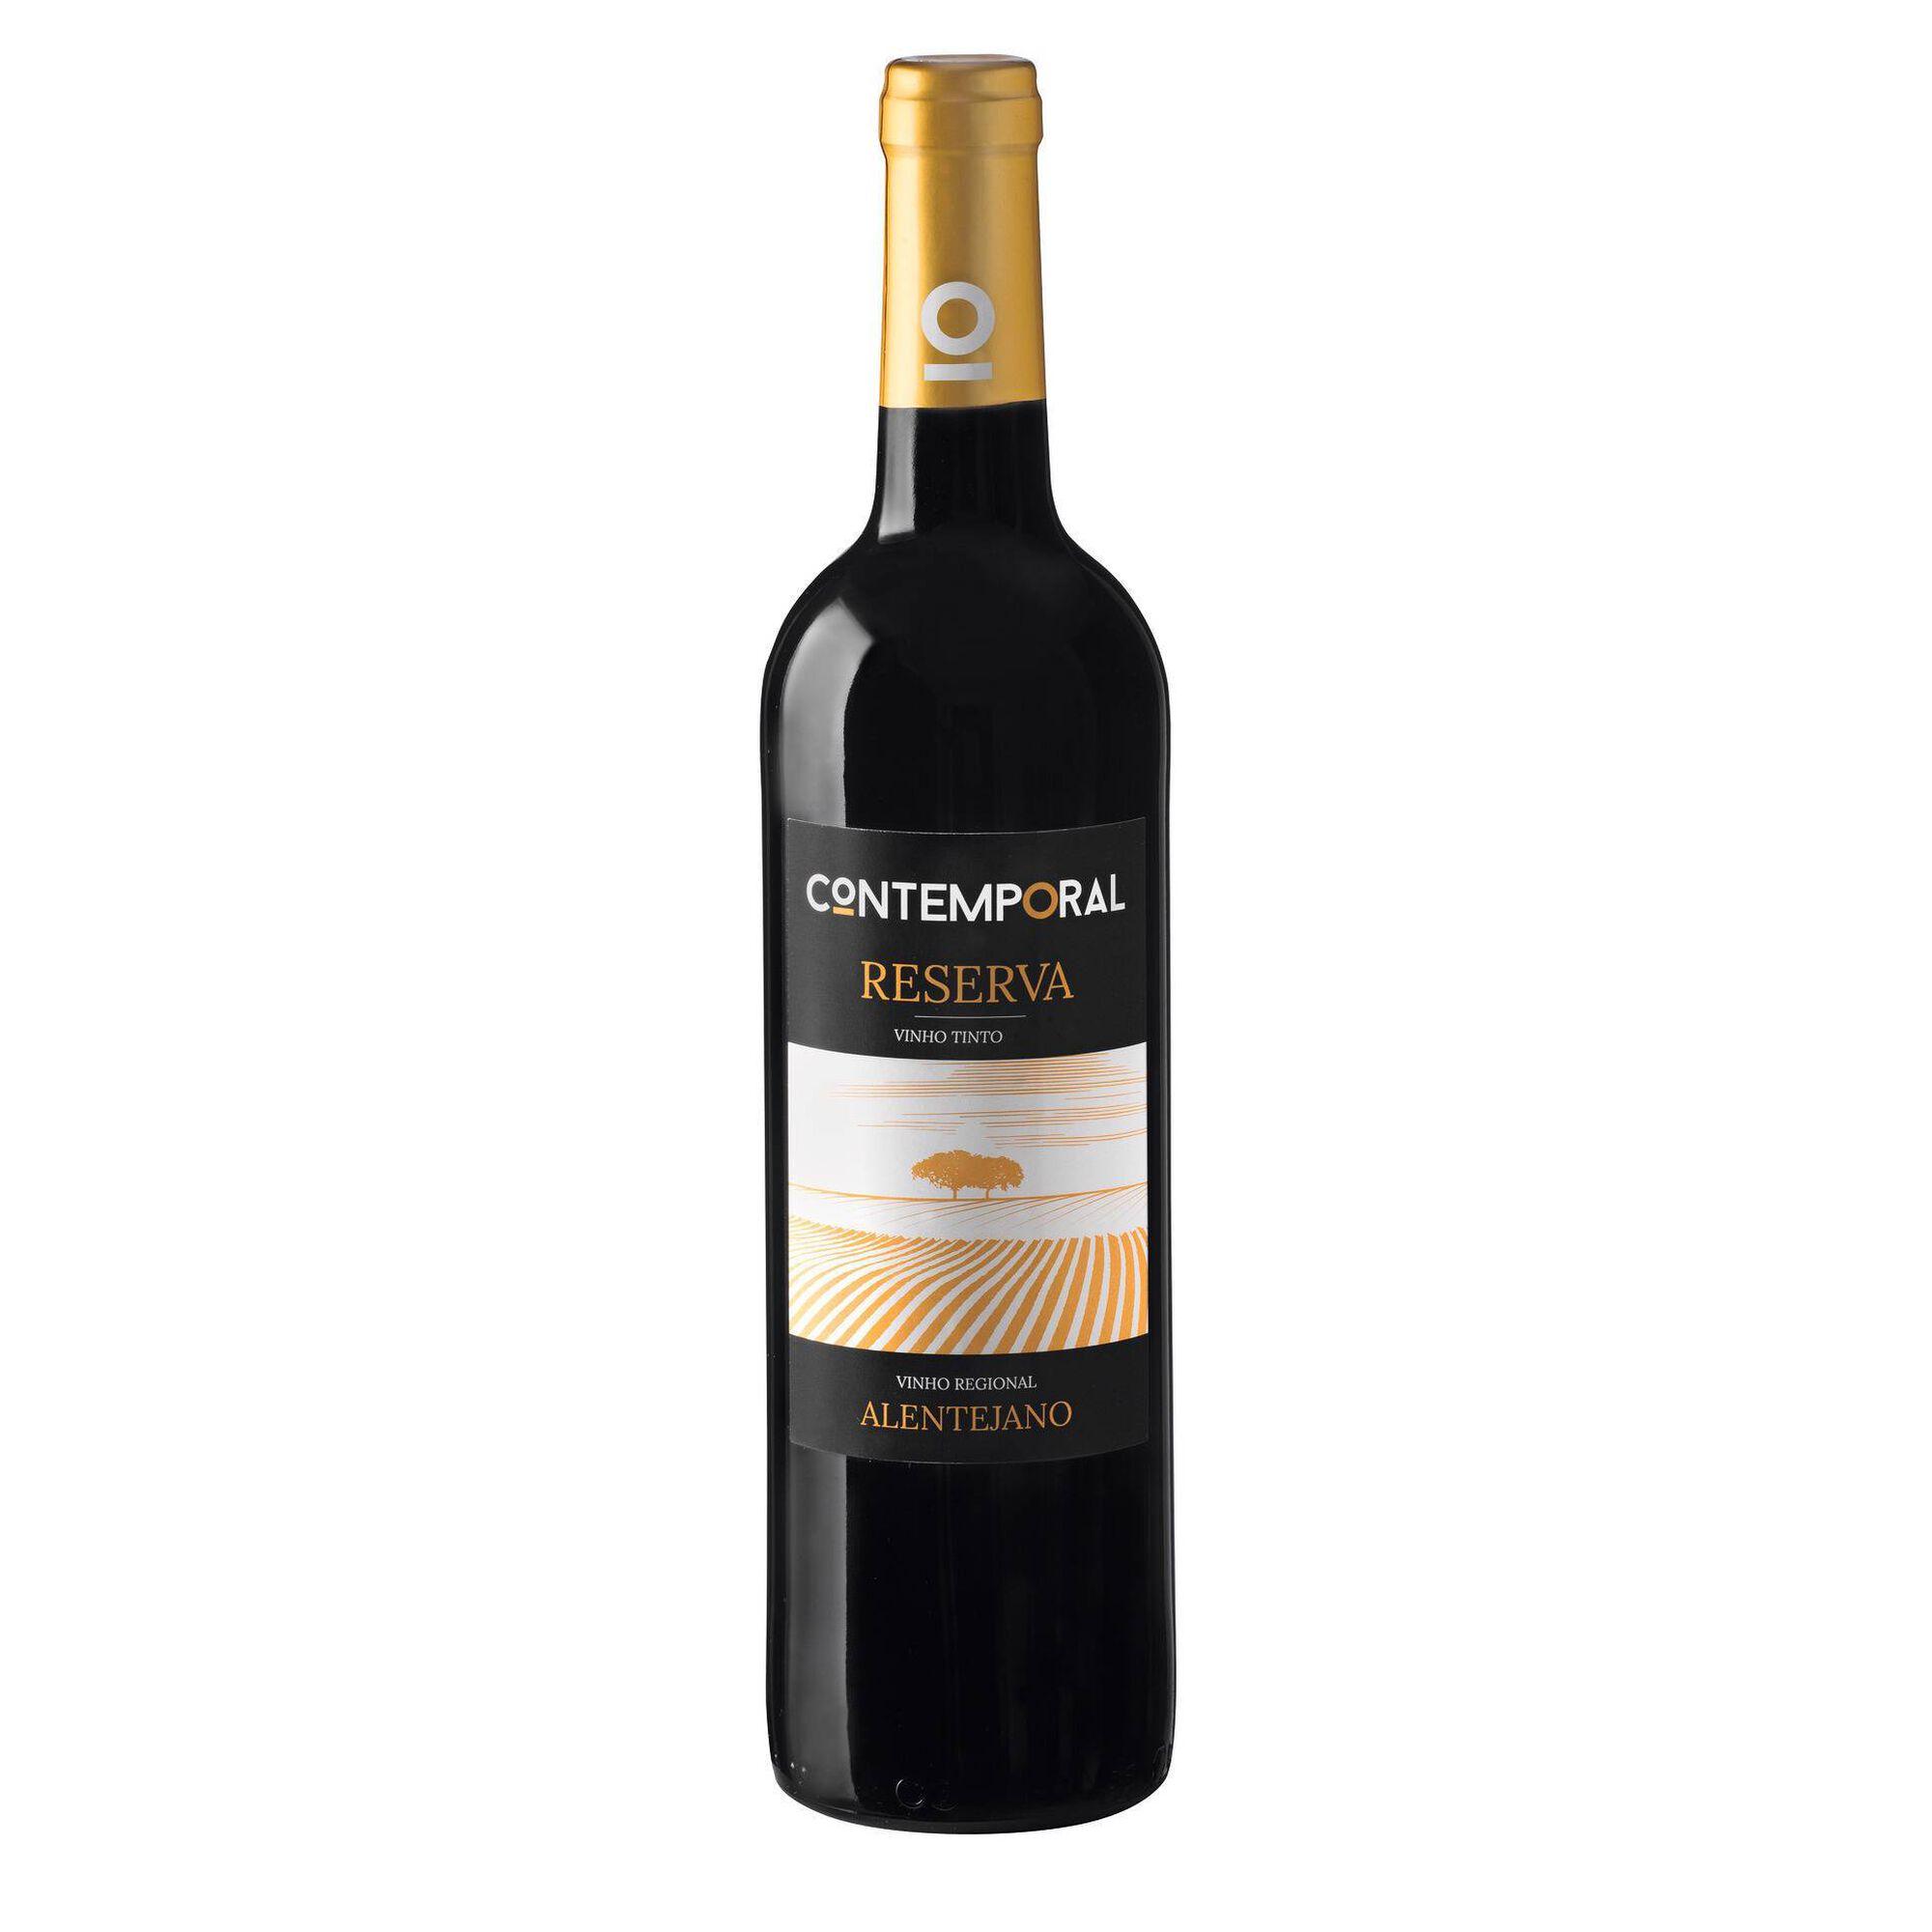 Contemporal Reserva Regional Alentejo Vinho Tinto